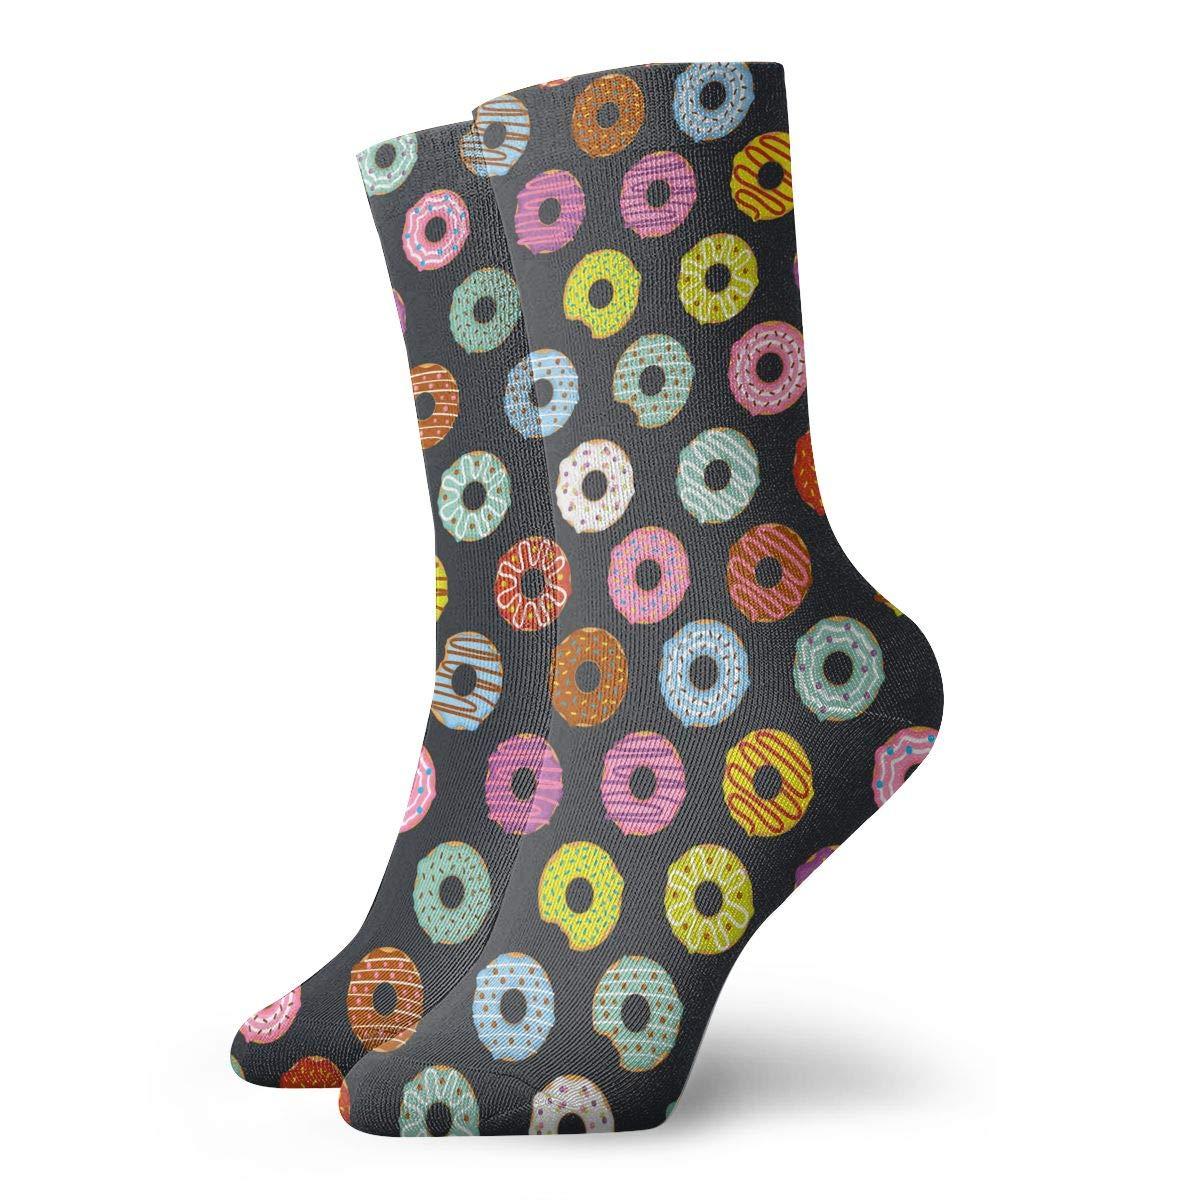 SESY Donut Sweet Dessert Unisex Crew Socks Short Sports Stocking